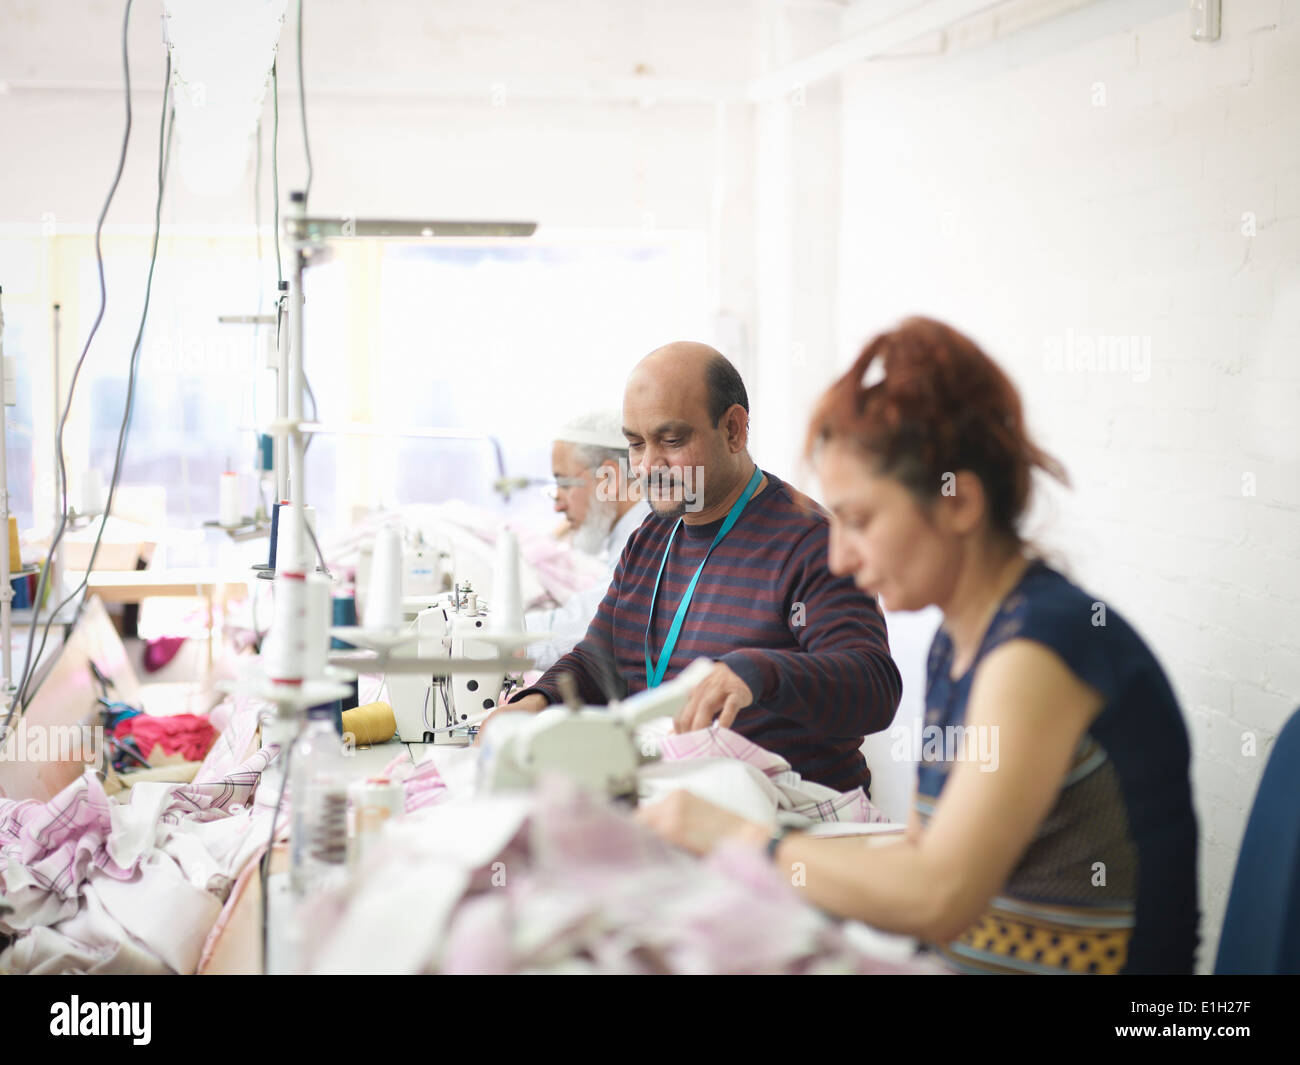 Indumento lavoratori in fabbrica di abbigliamento Immagini Stock